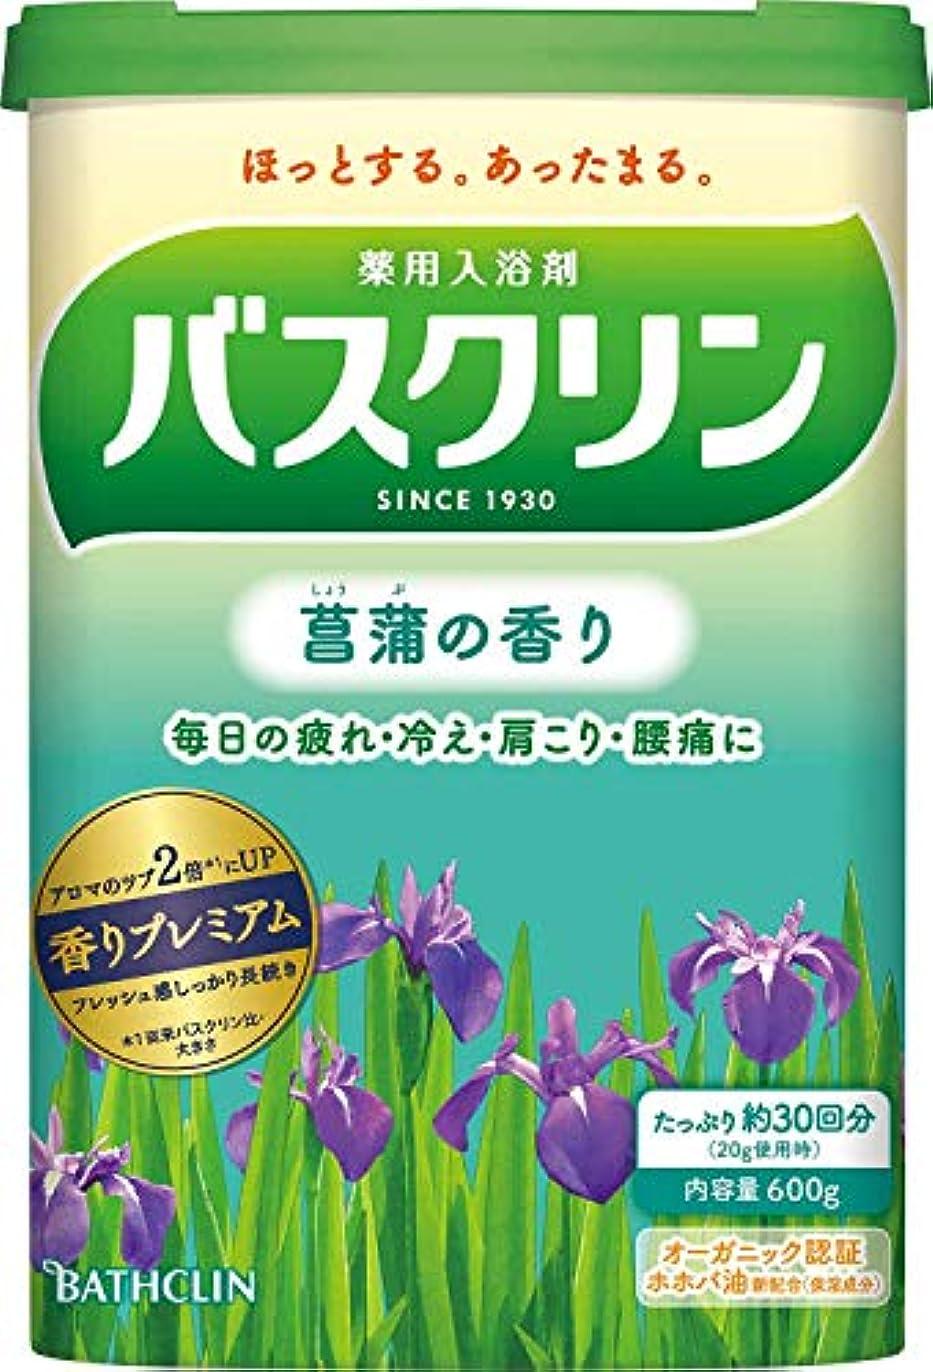 促すバット前置詞【医薬部外品】バスクリン入浴剤 菖蒲の香り600g(約30回分) 疲労回復